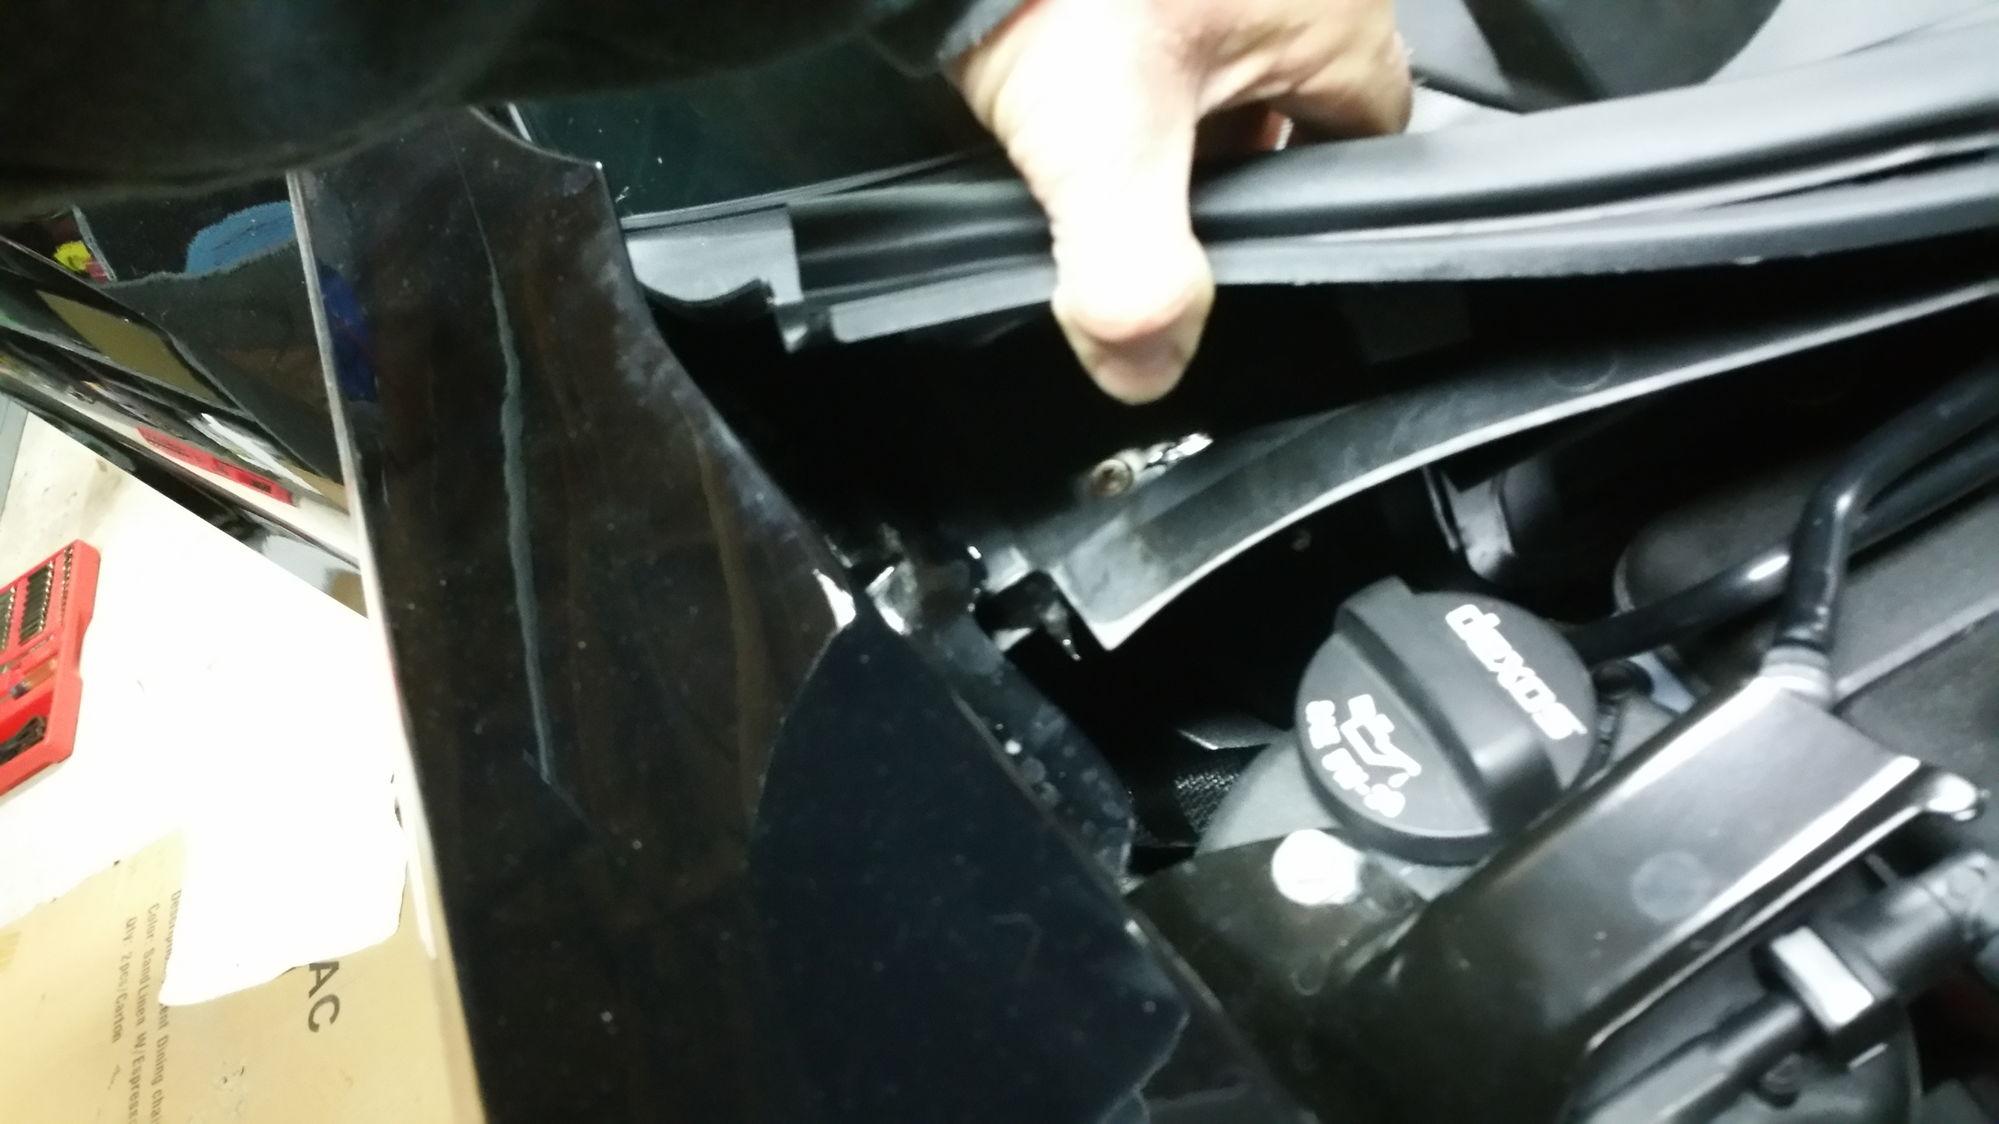 Remove bolt in door jam at top corner of fender